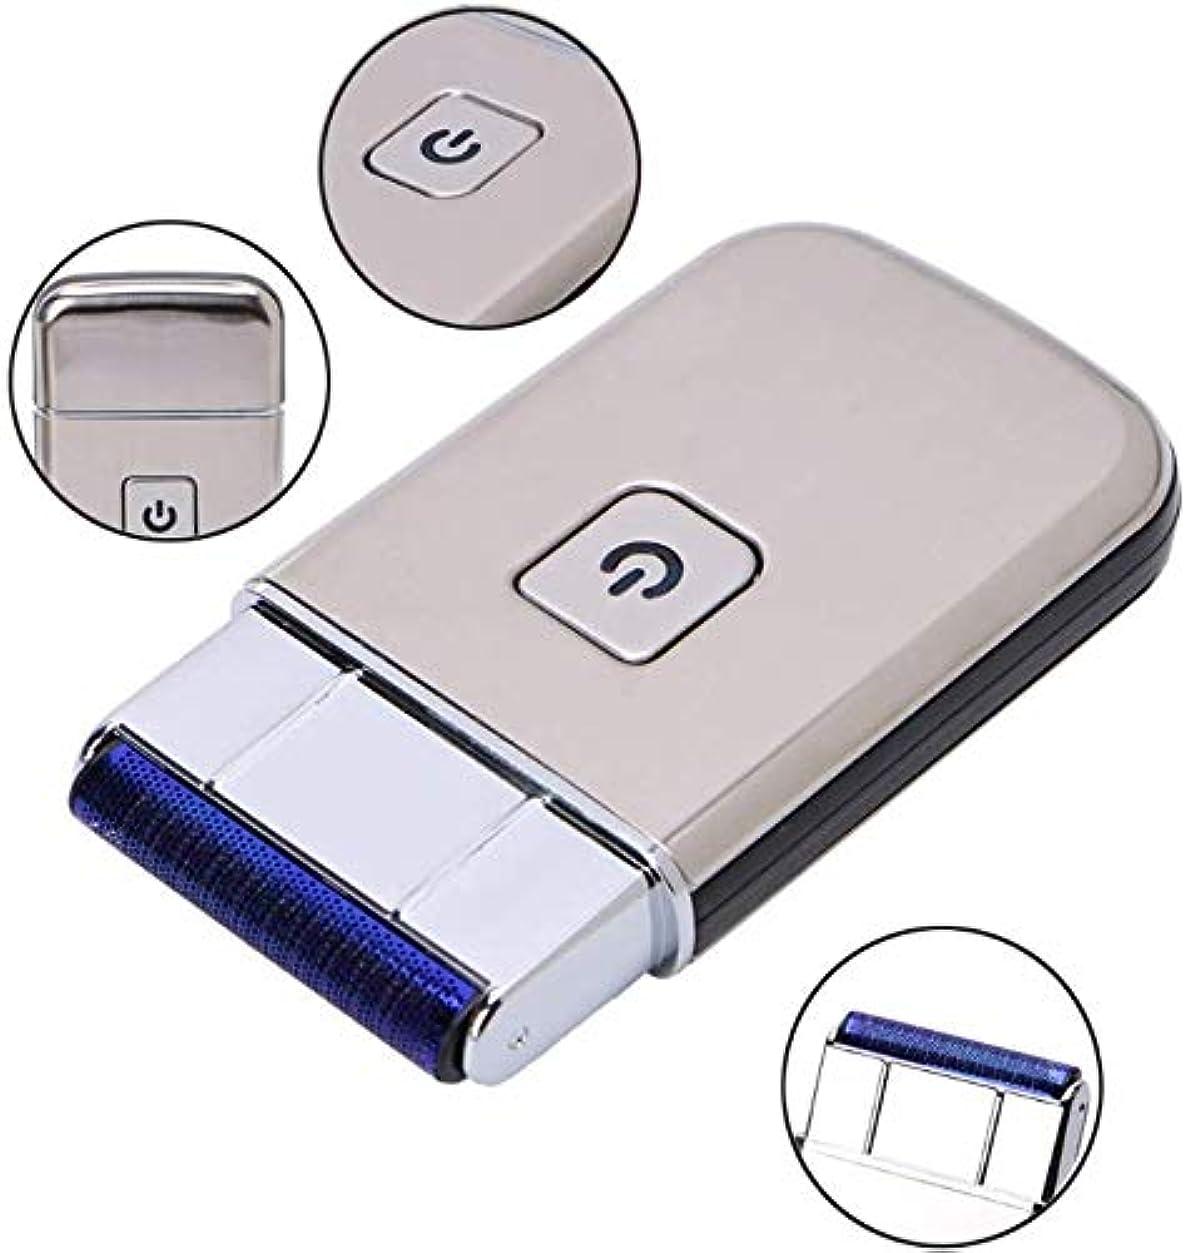 むちゃくちゃ練習おばあさん現代のミニポータブル充電式シェーバーメンズ電気USBヘッドカミソリコードレスひげシェーバーカミソリ旅行